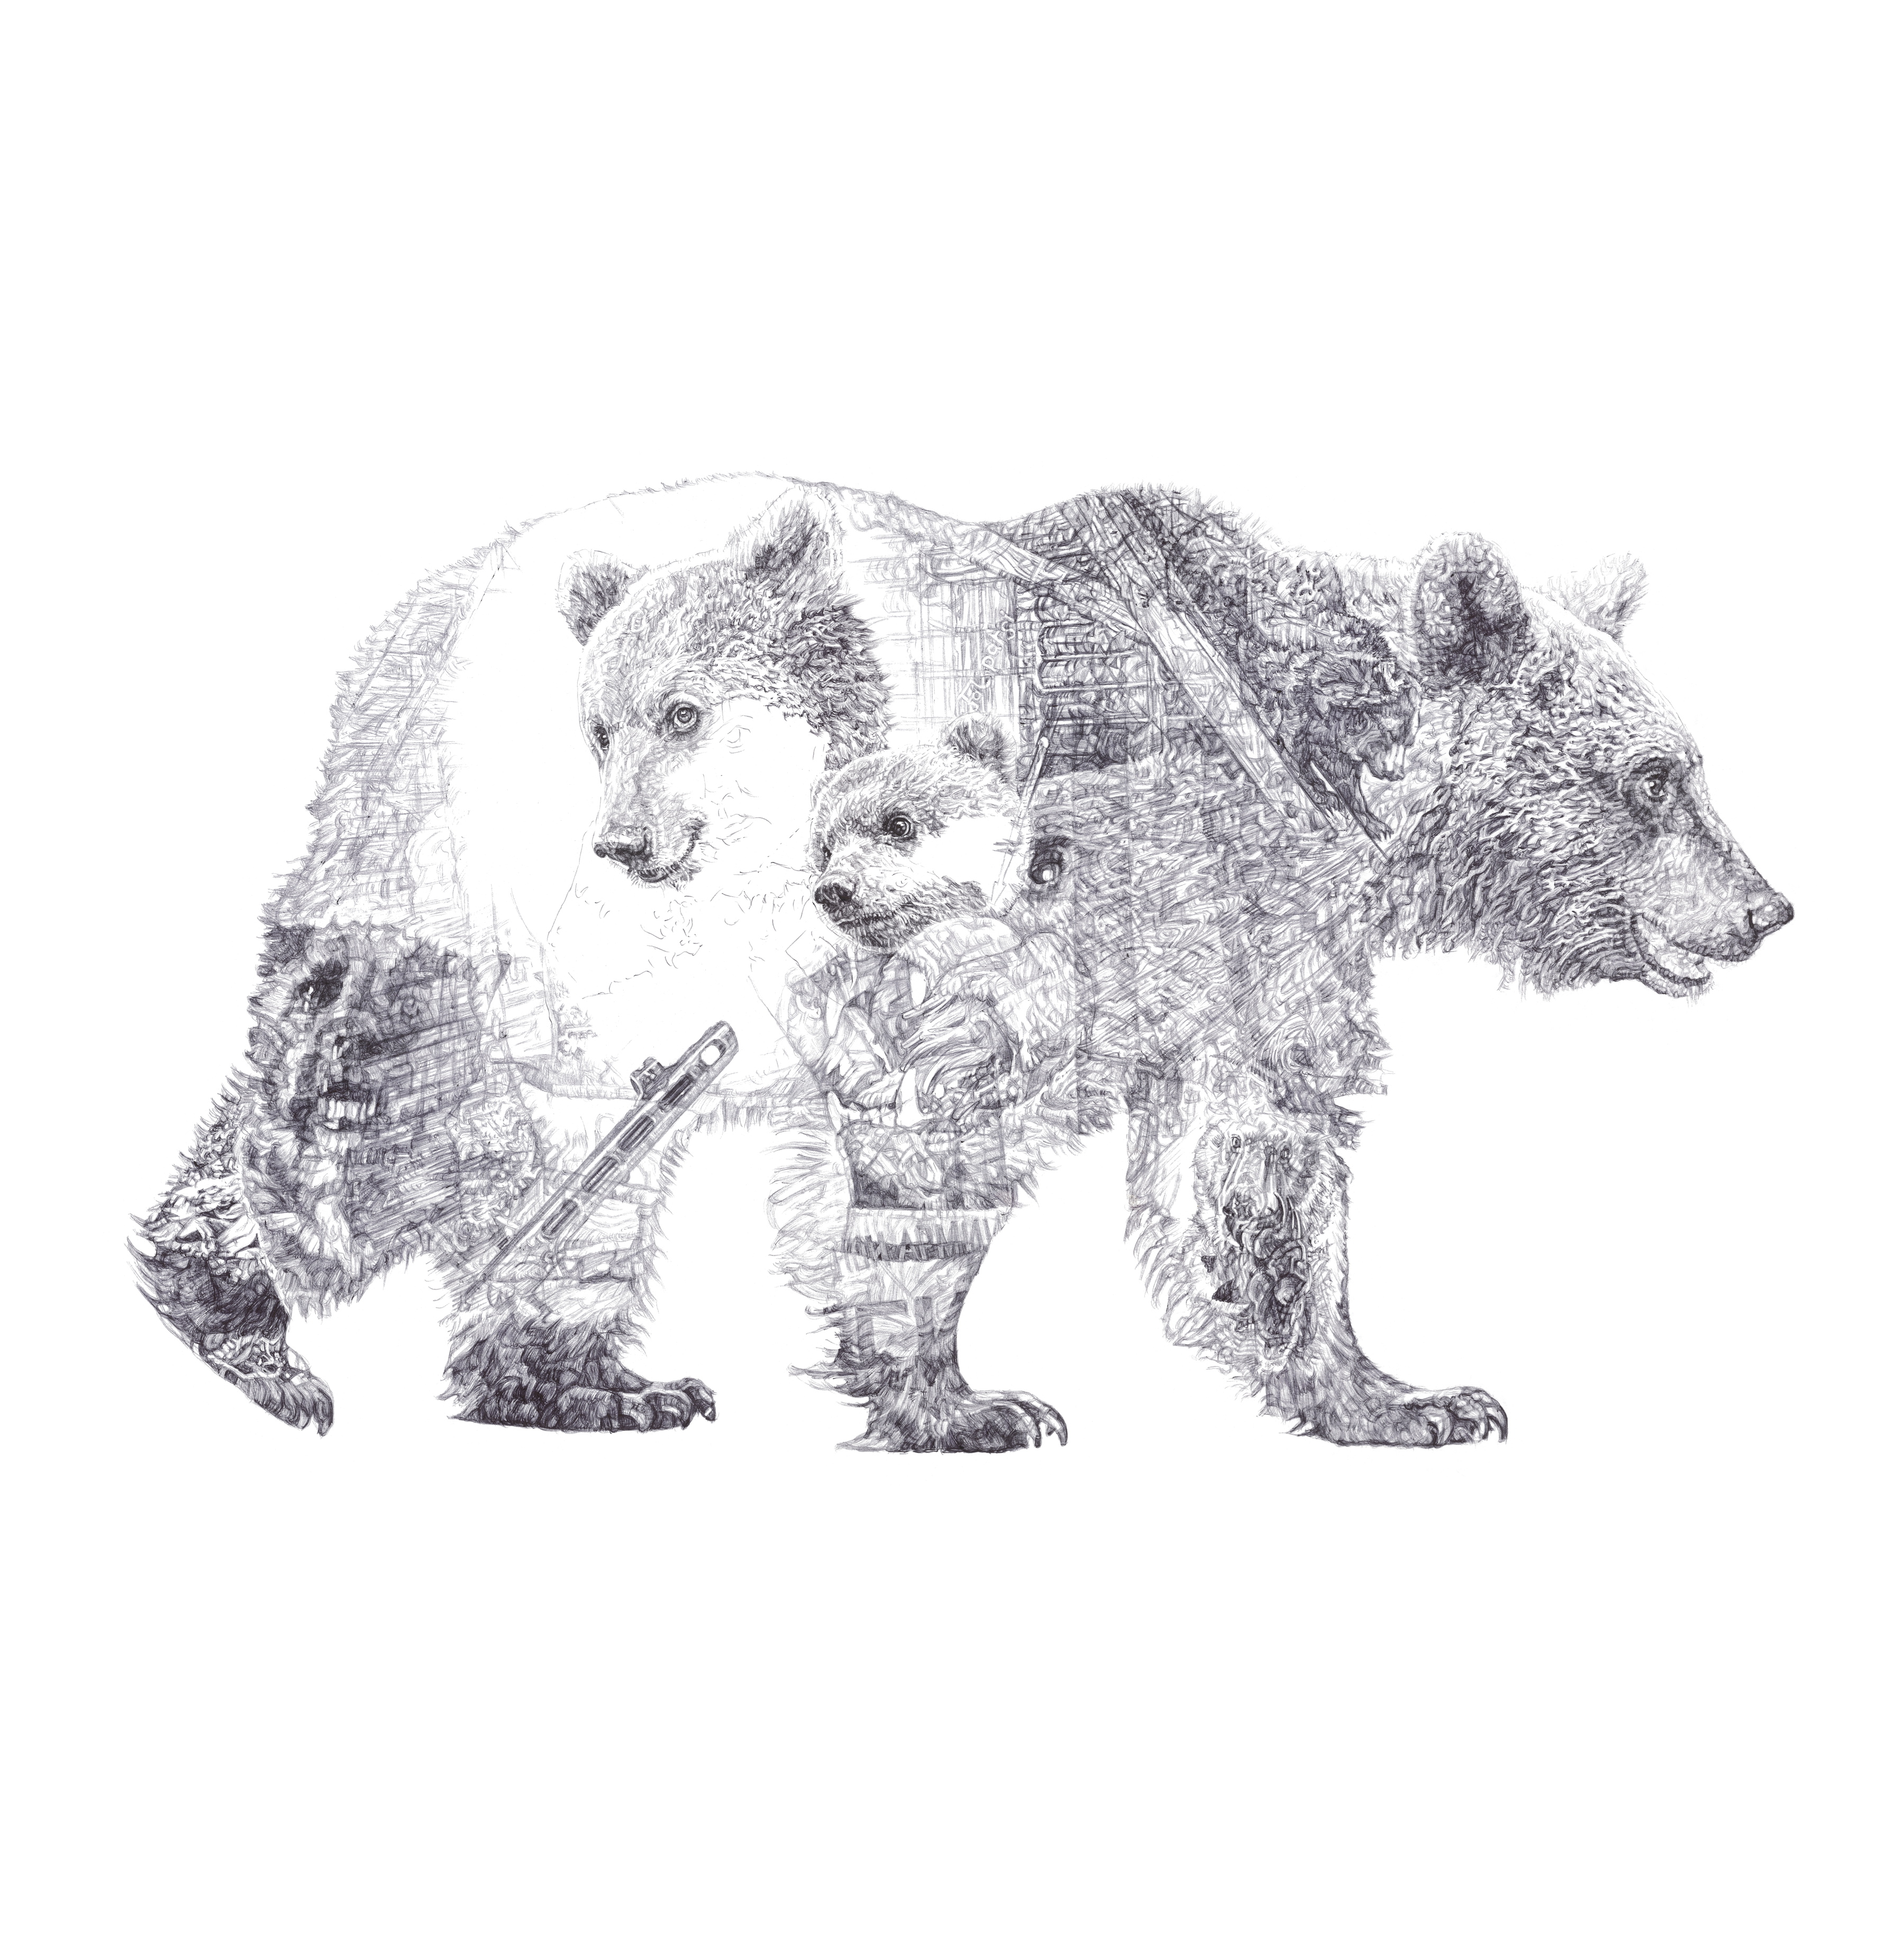 bear cubs jane lee mccracken artist